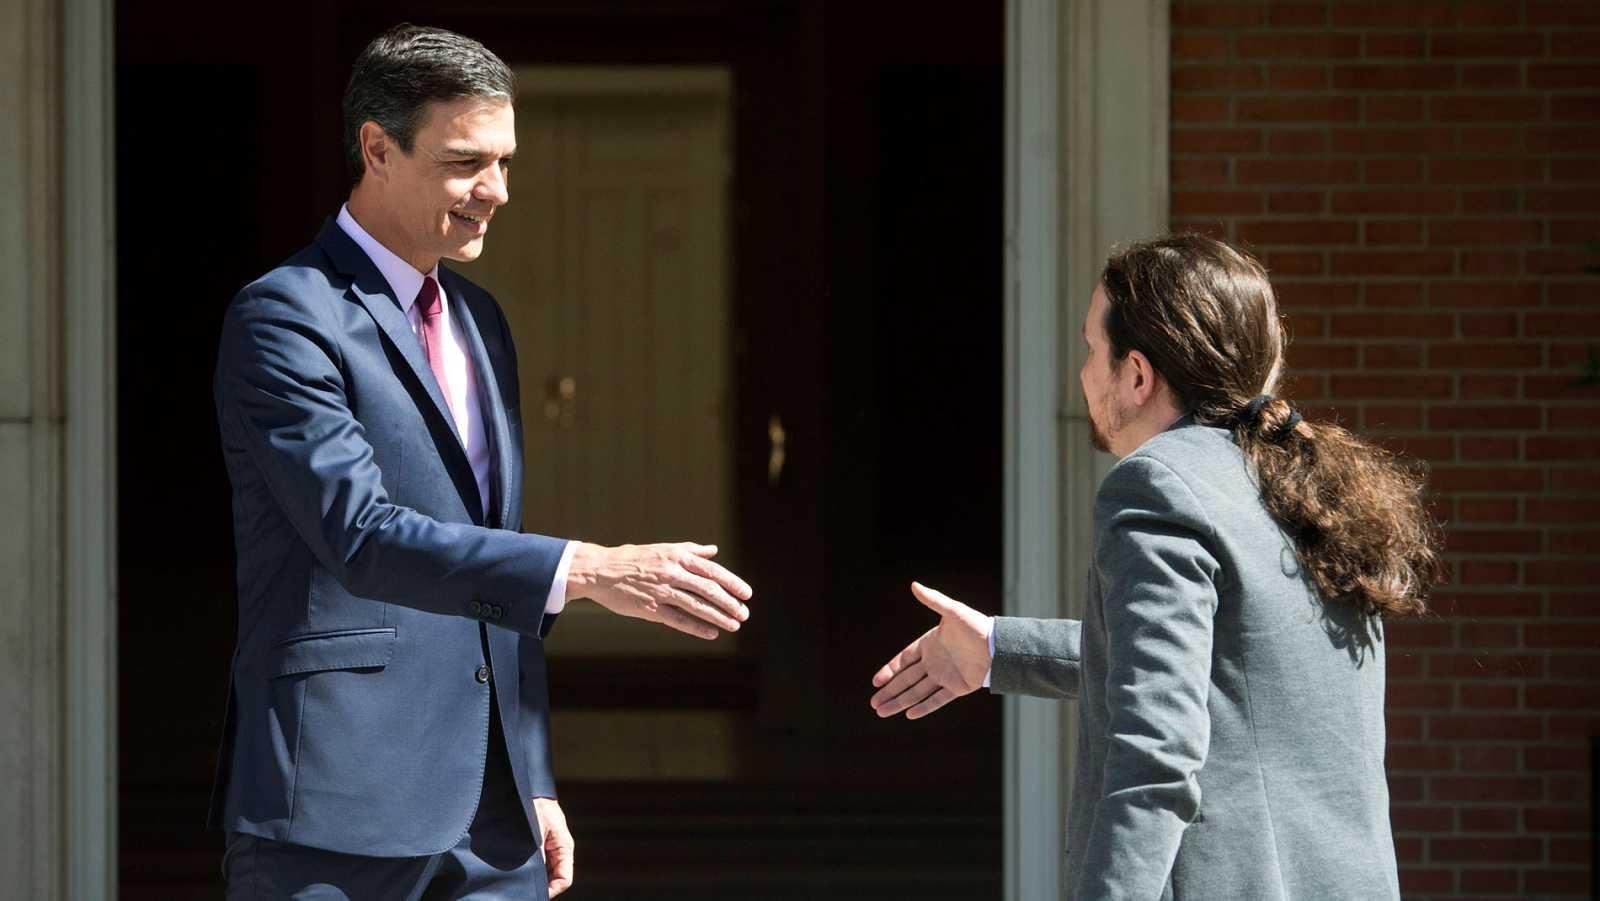 Sánchez insiste en que irá a la investidura con o sin apoyos e Iglesias amenaza con votar en contra si no hay coalición